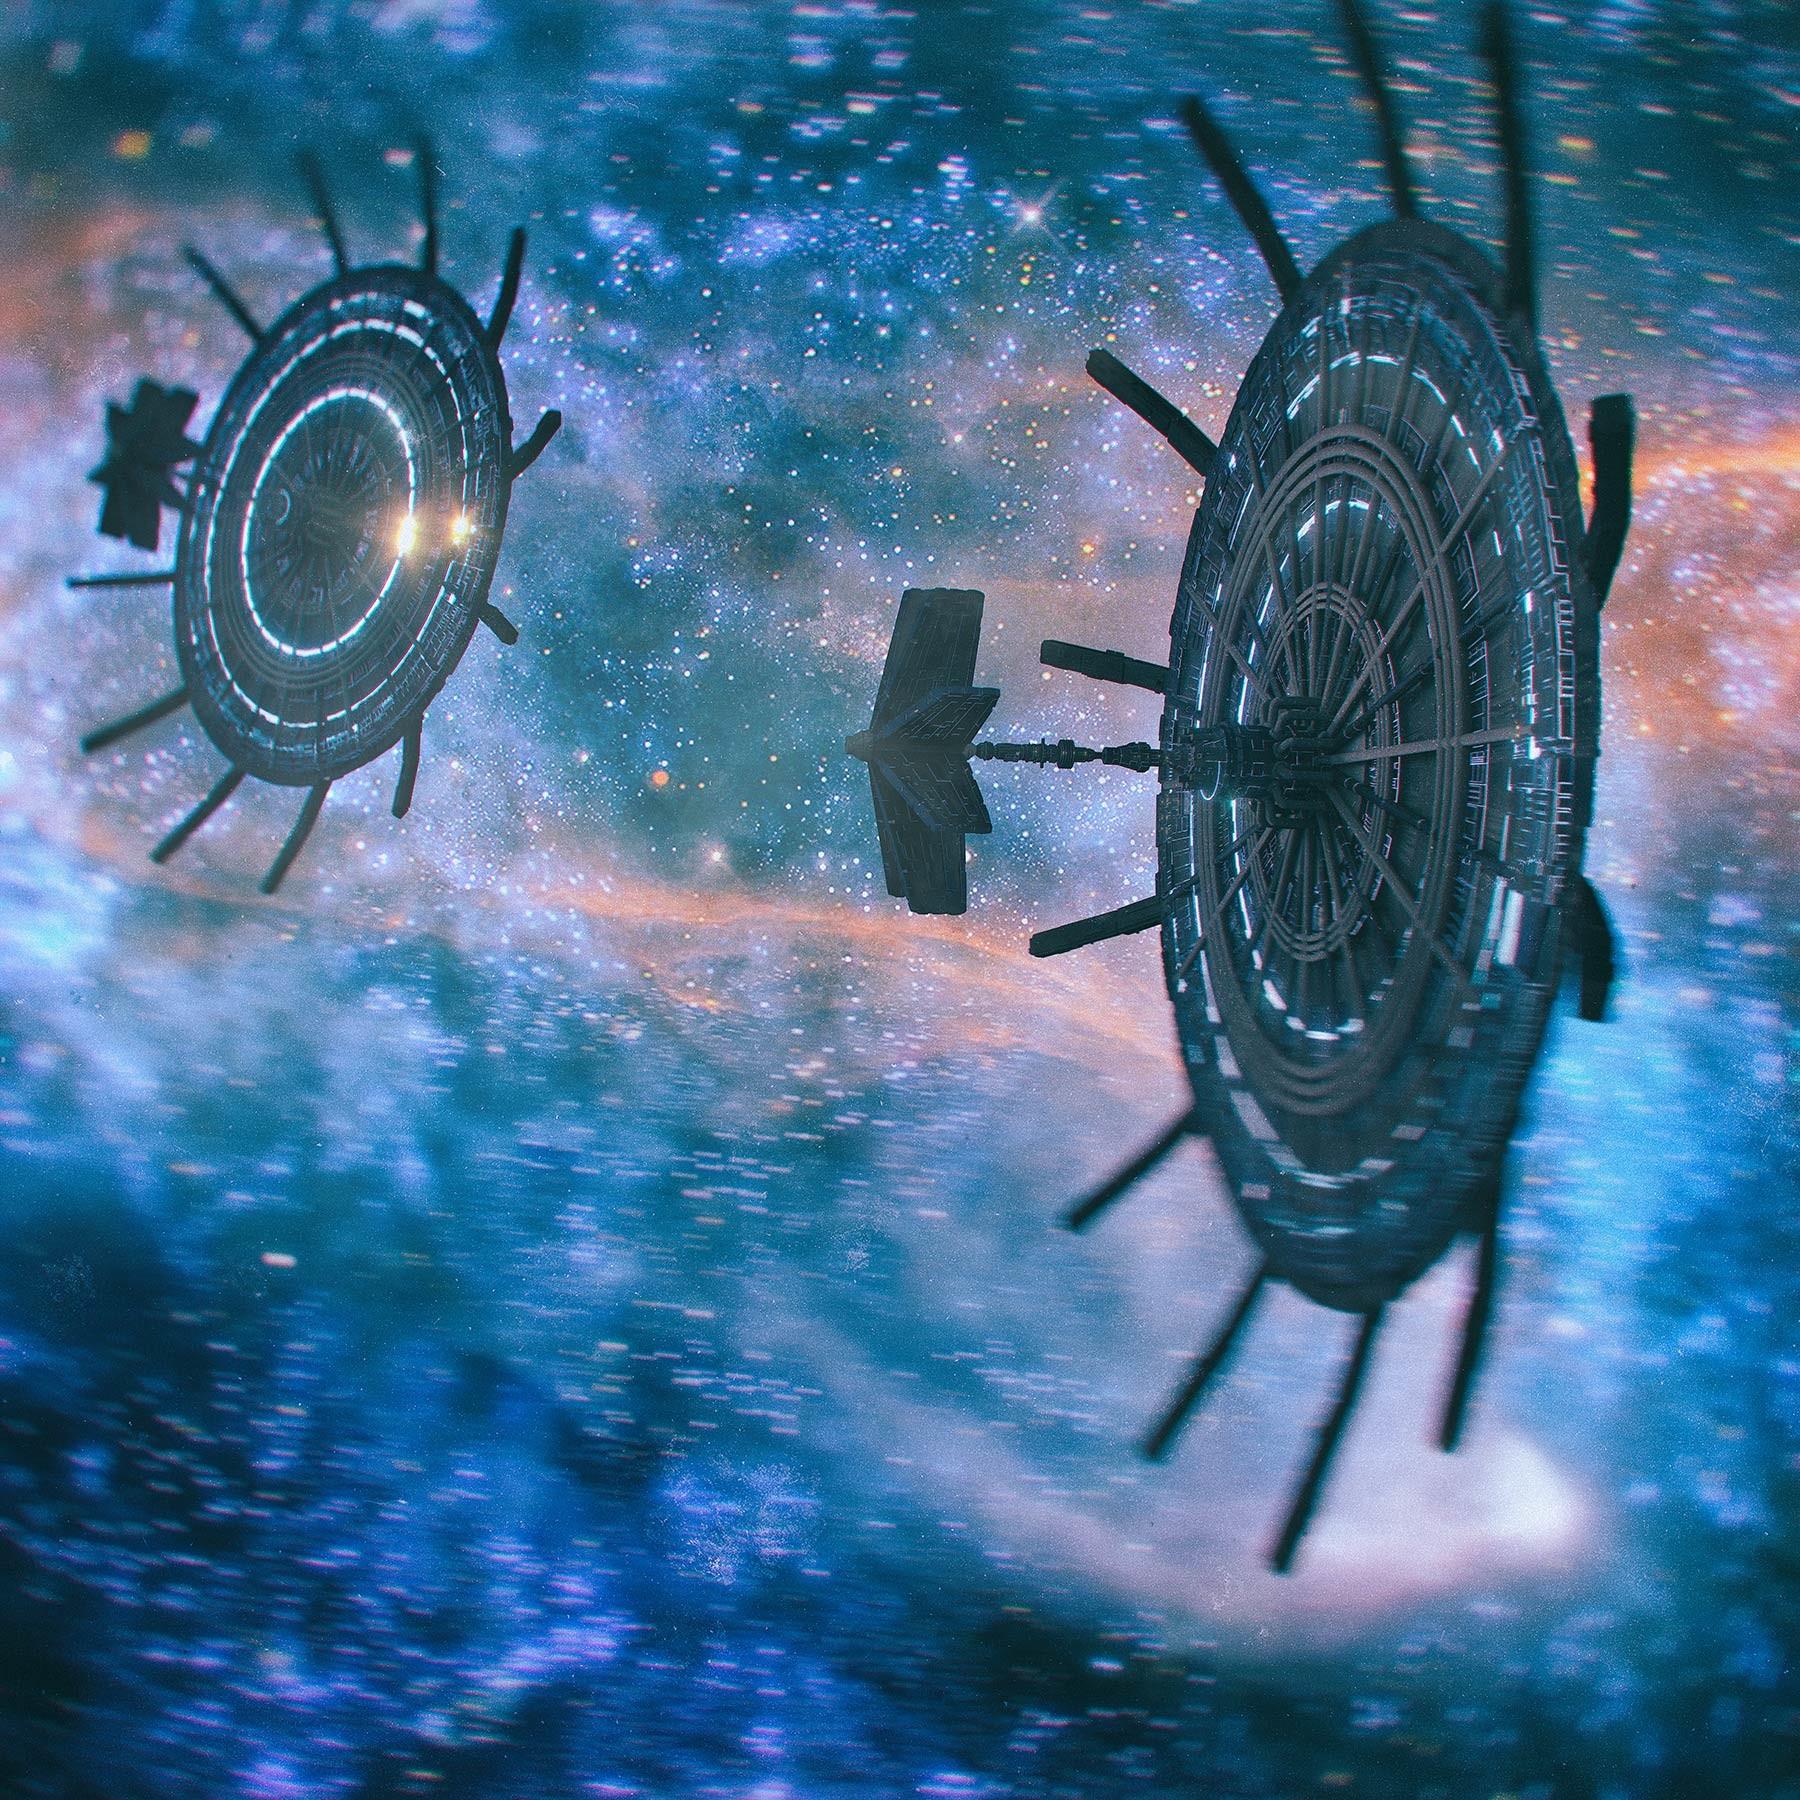 Kresimir jelusic 54 011215 shieldship ps 1800x1800 q44